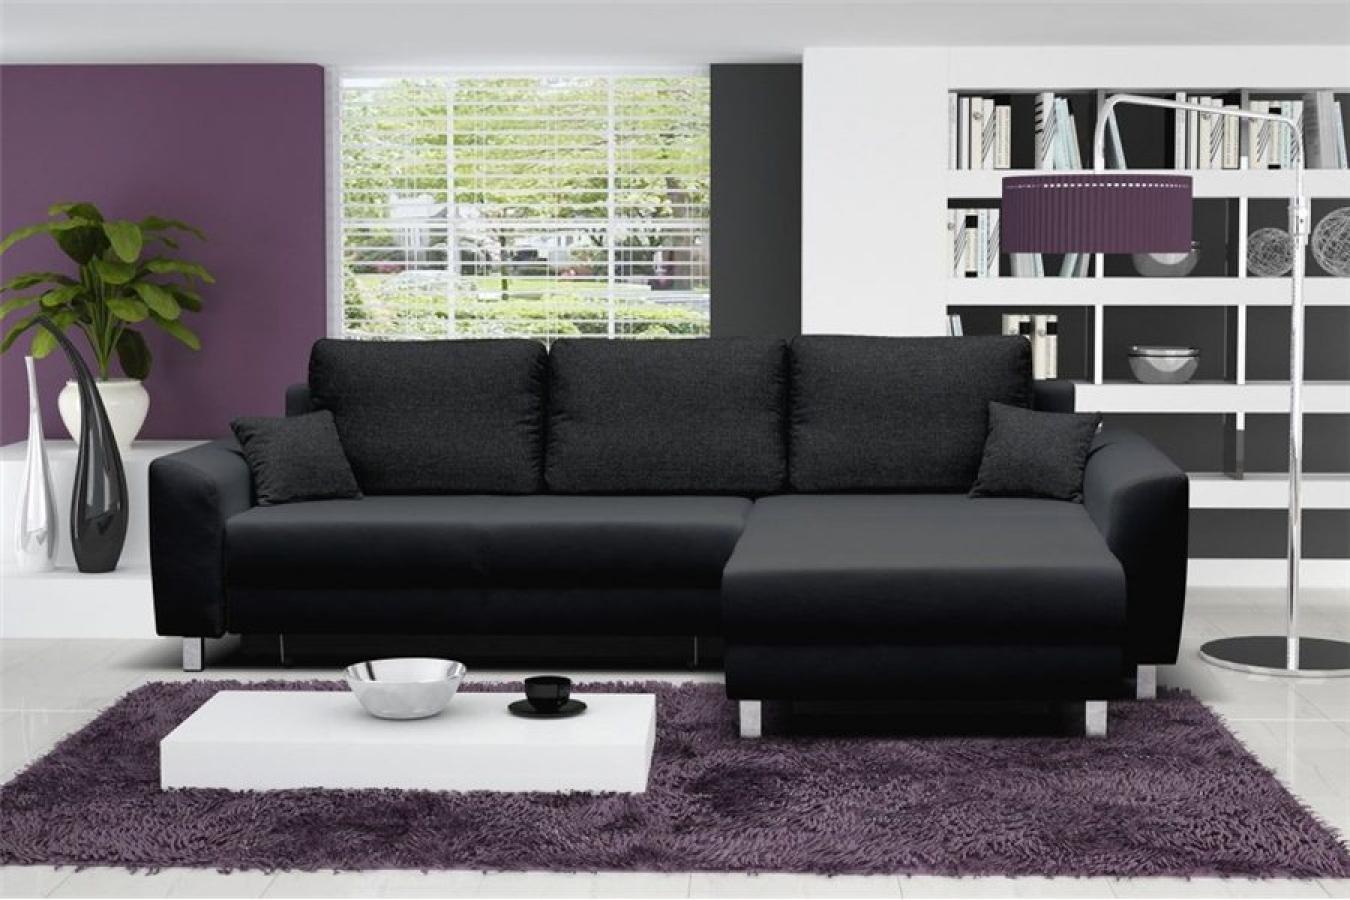 Canape Angle Noir Fauteuil Cuir Noir Ikea Canape Noir Ikea